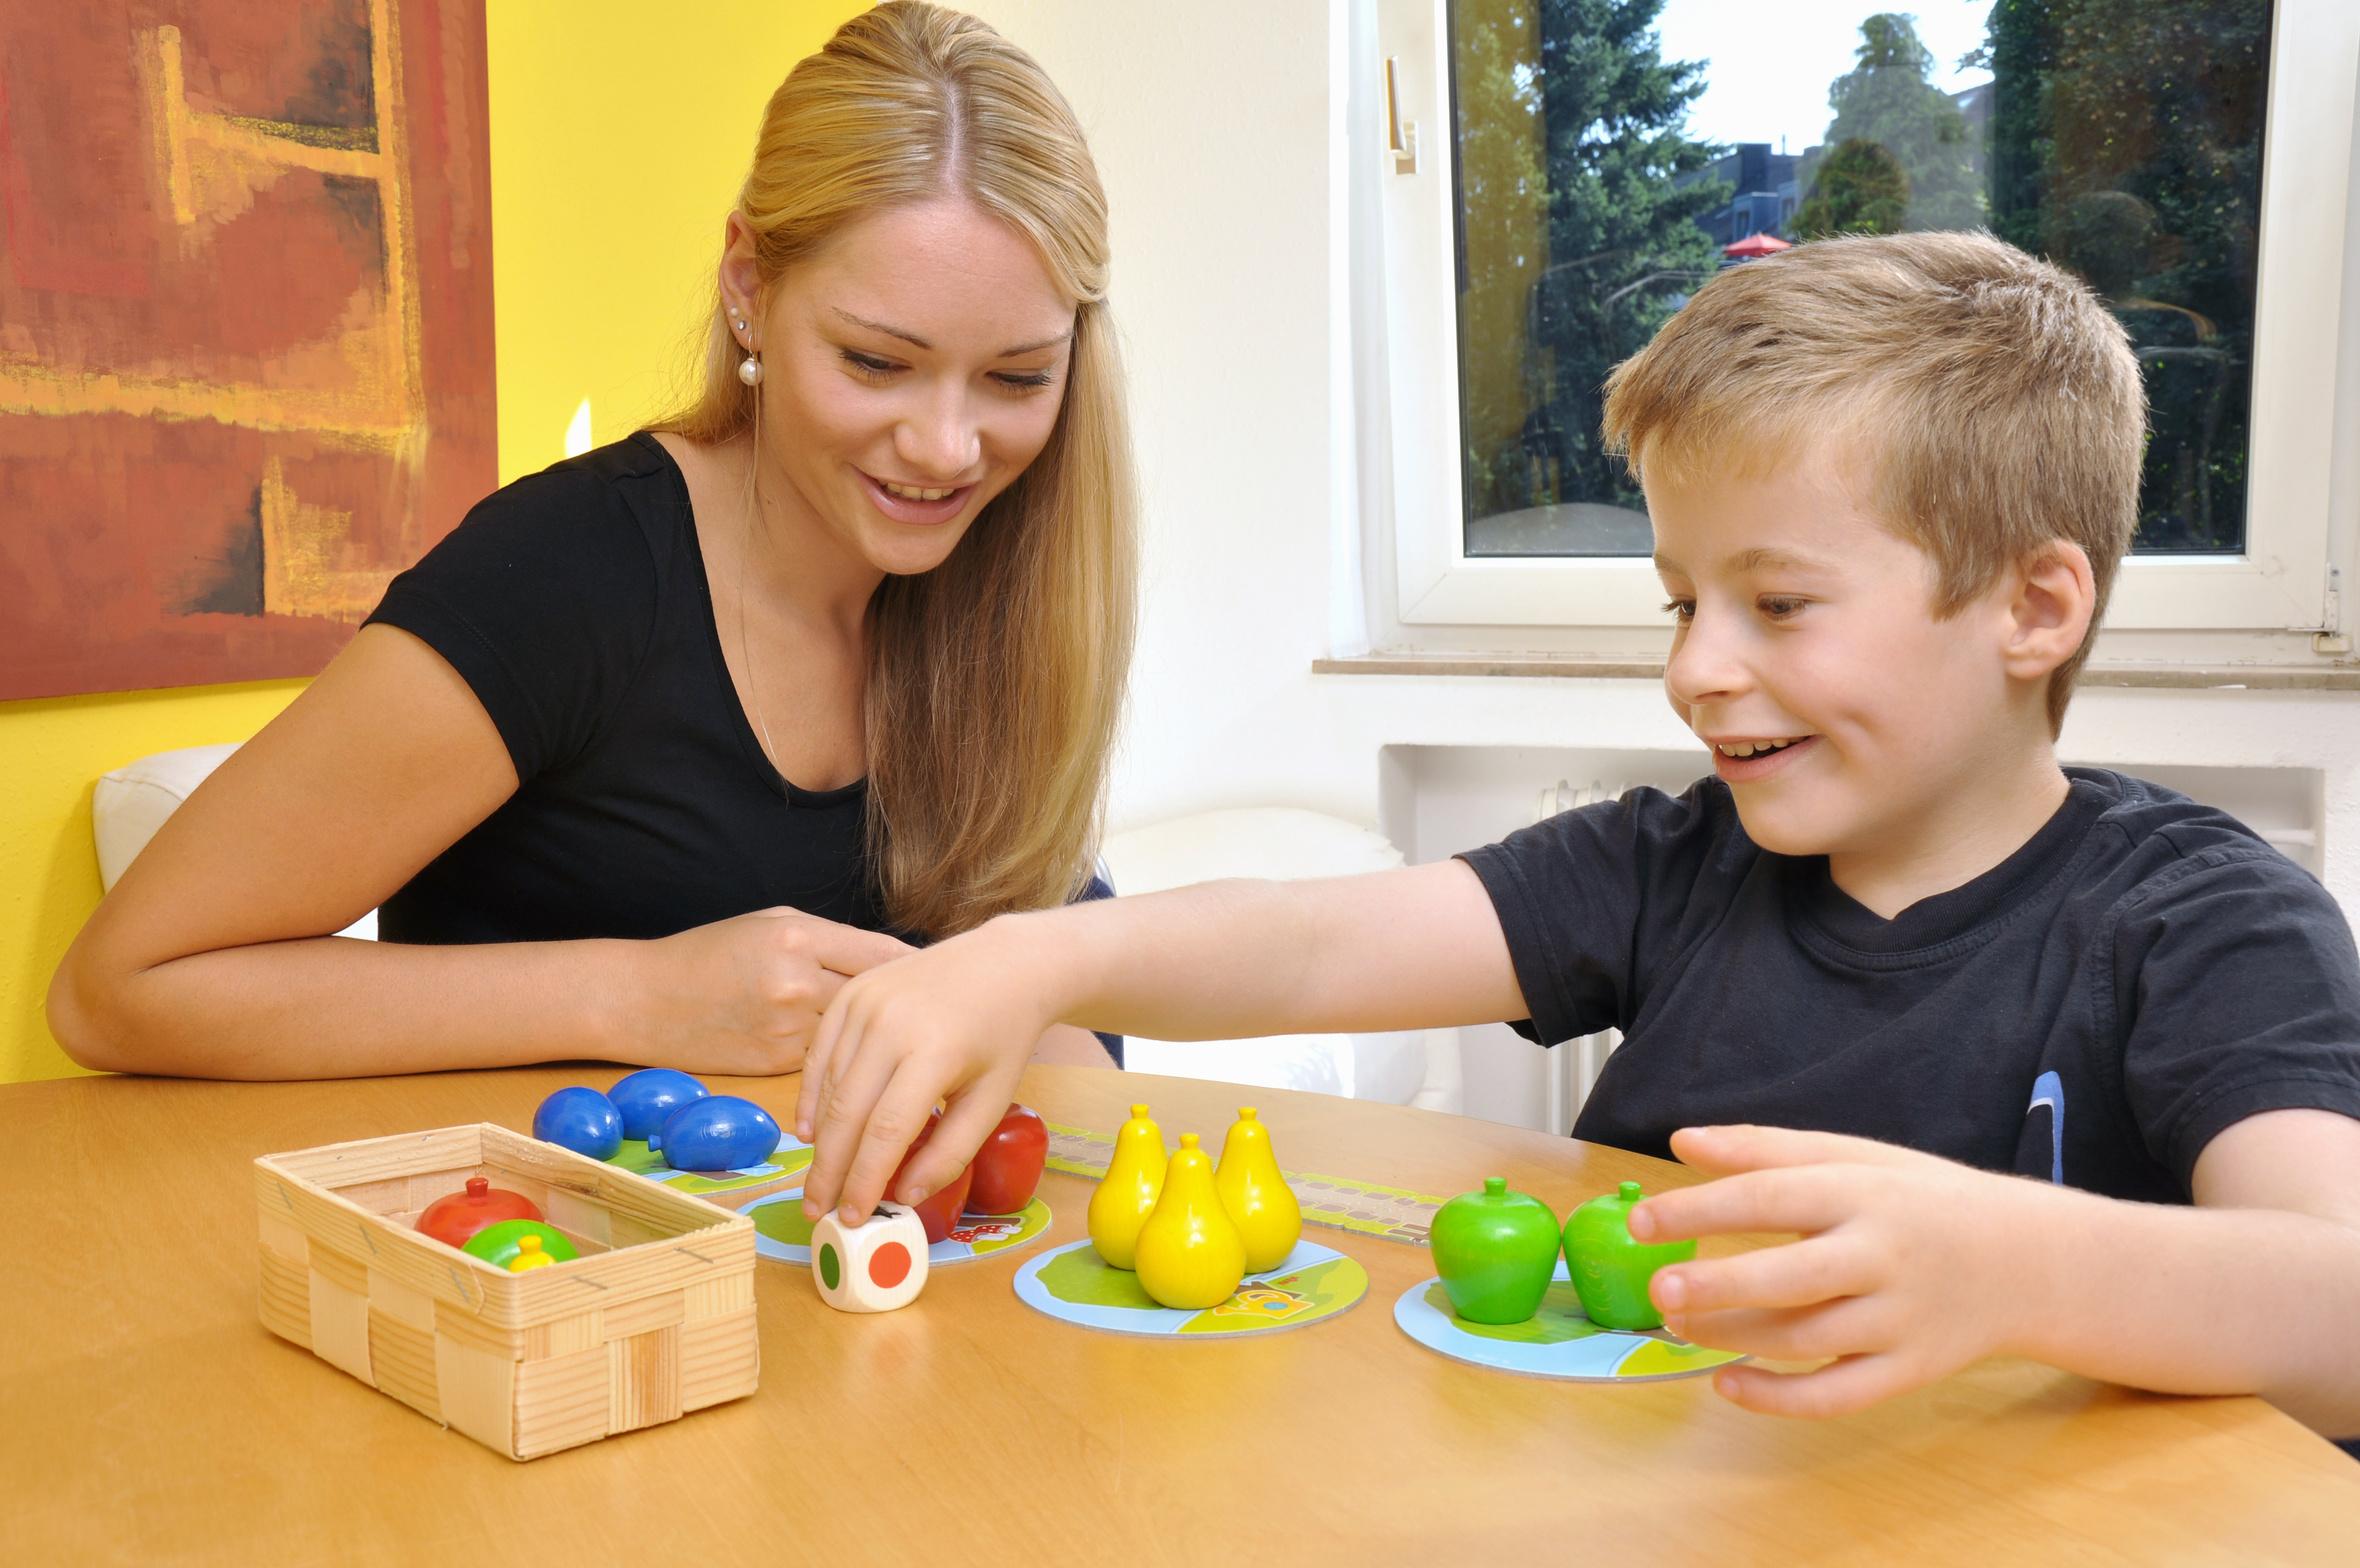 Frau und Junge spielen ein Gesellschaftsspiel